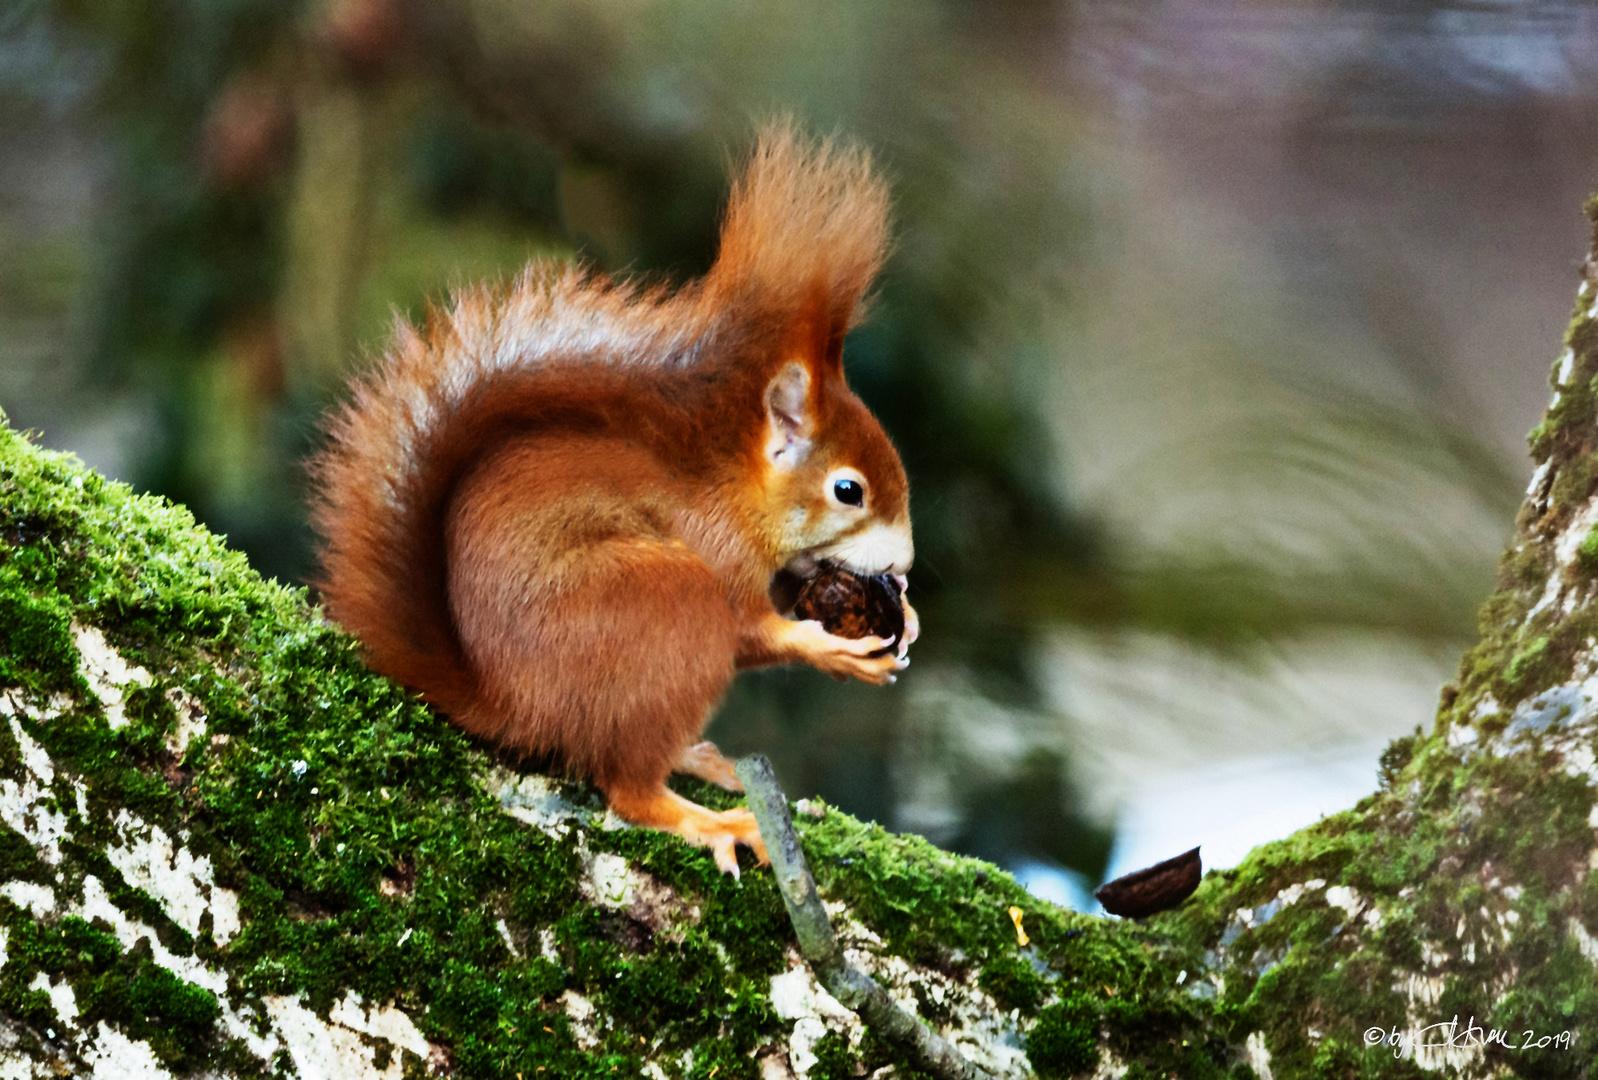 Eichhörnchen beim Knacken von Walnüssen